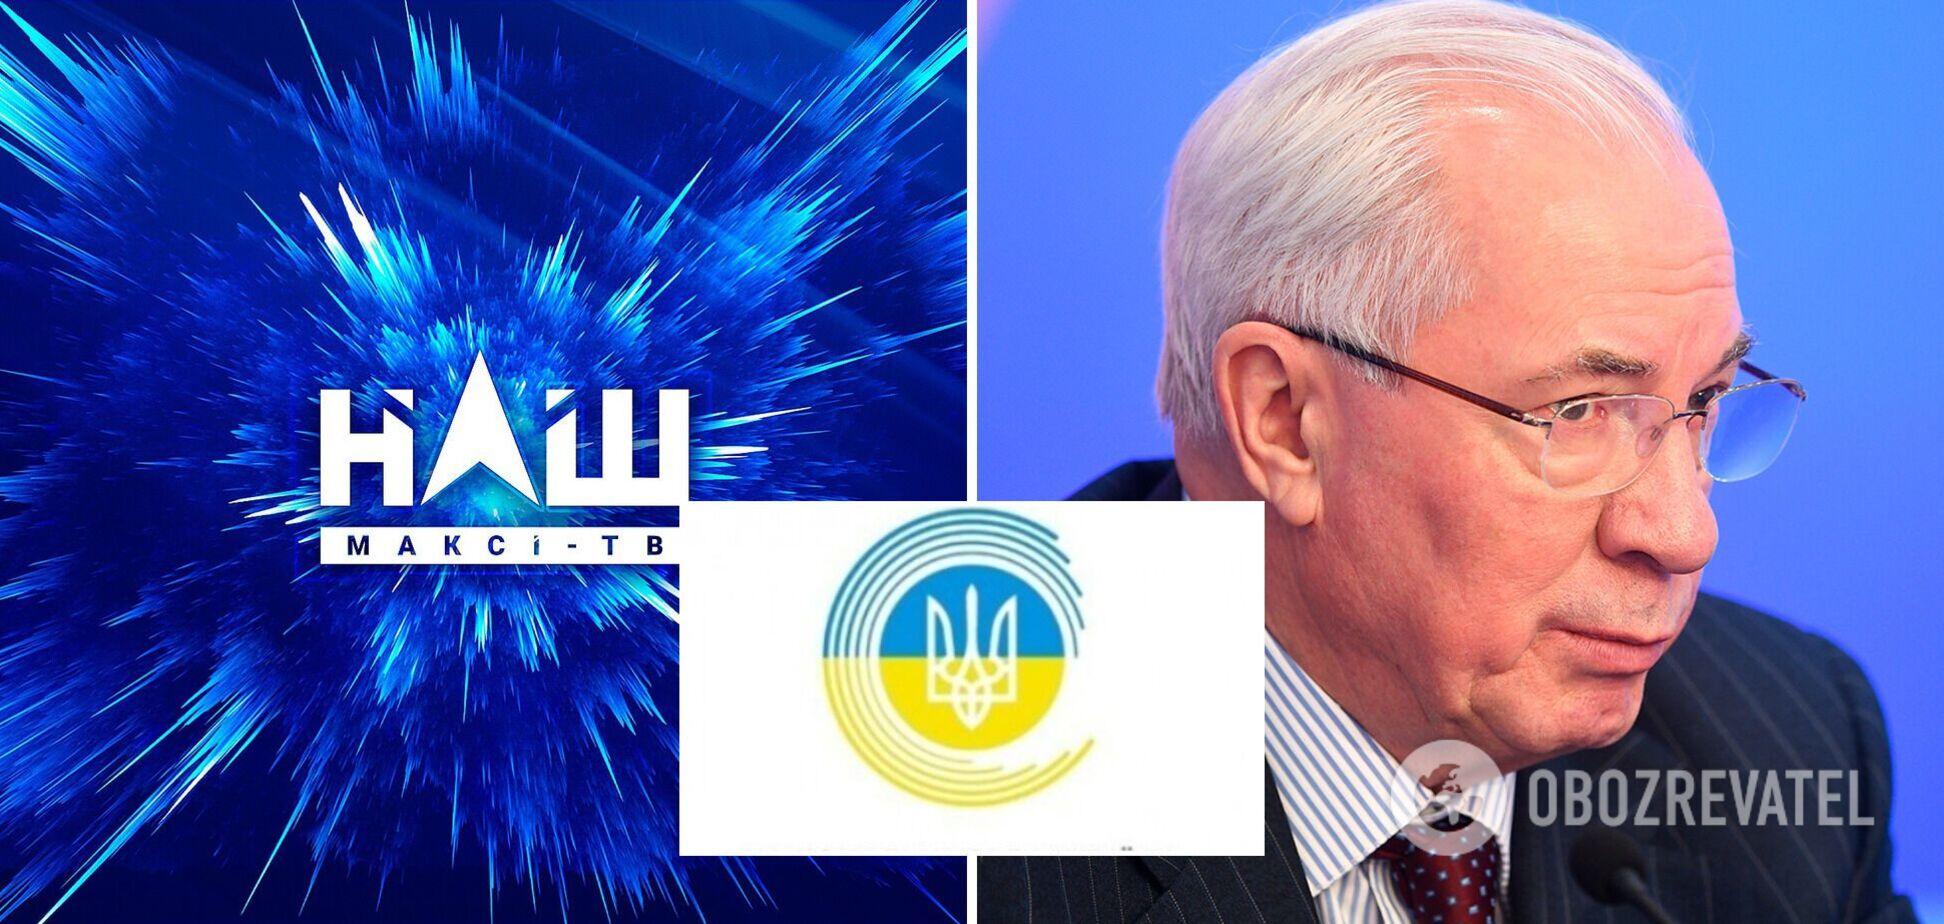 Канал 'НАШ' перевірять через виступ Миколи Азарова